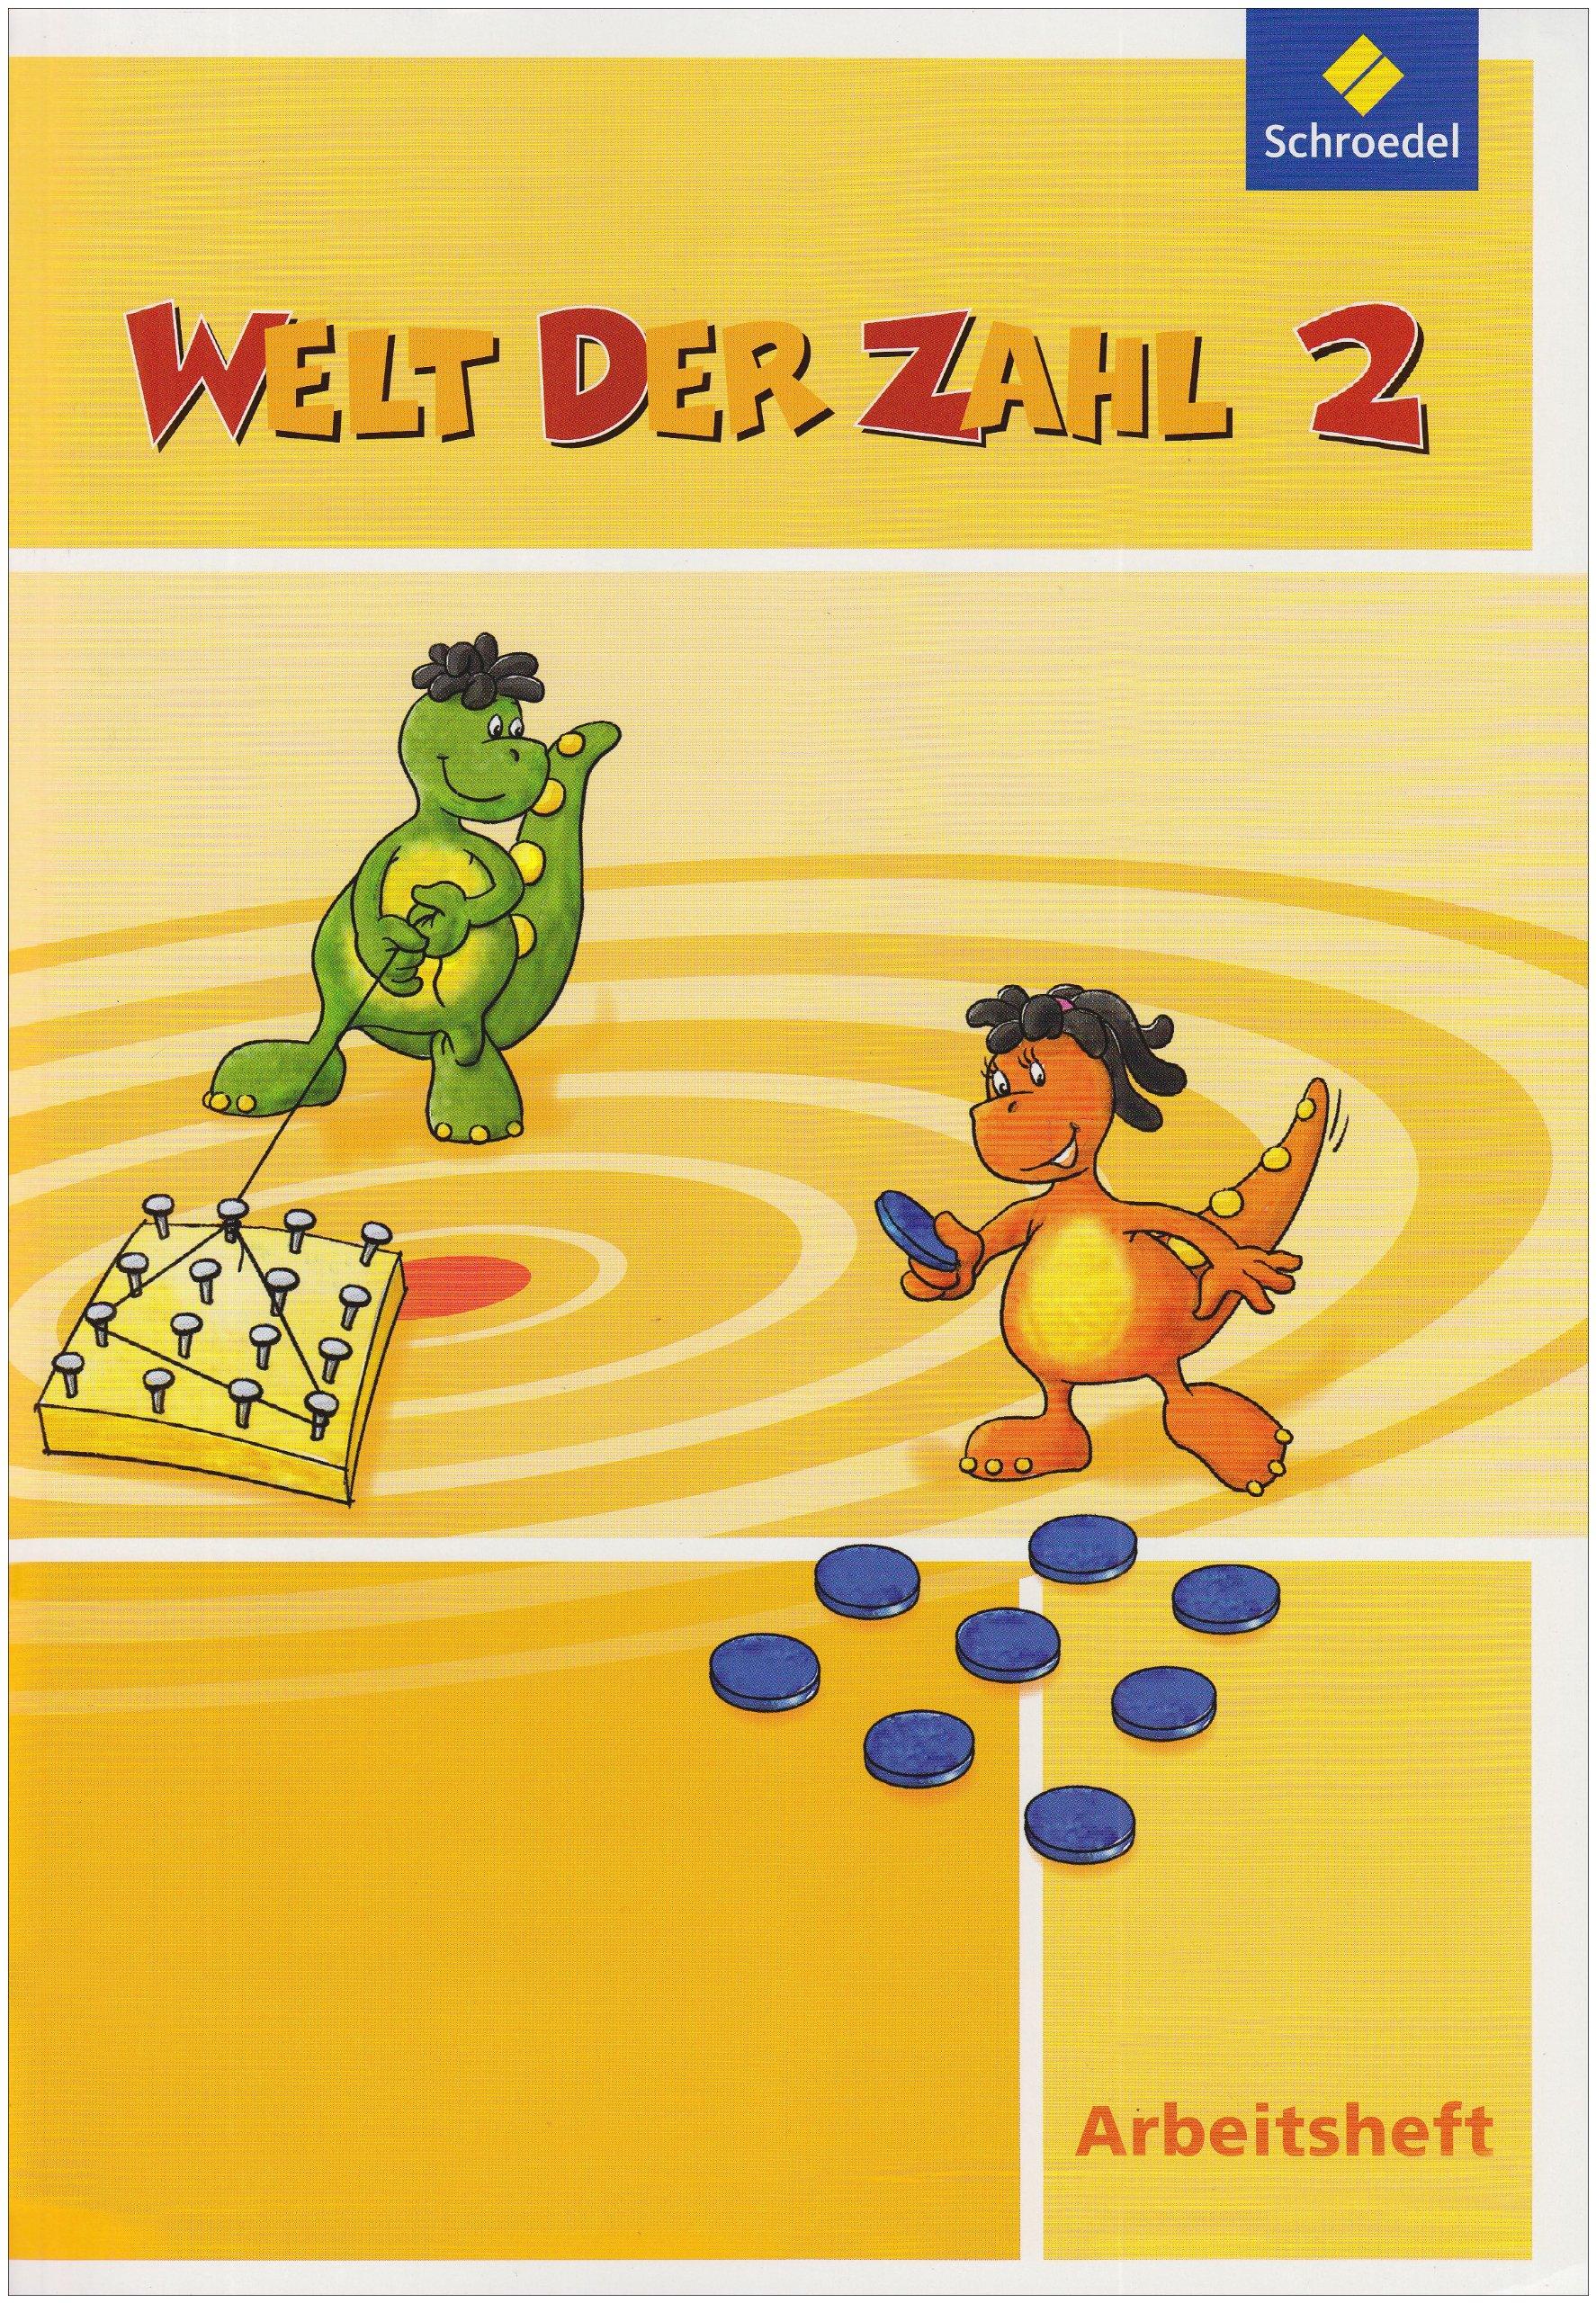 Welt der Zahl - Ausgabe 2010 für Berlin, Brandenburg, Bremen, Mecklenburg-Vorpommern, Sachsen-Anhalt und Thüringen: Arbeitsheft 2